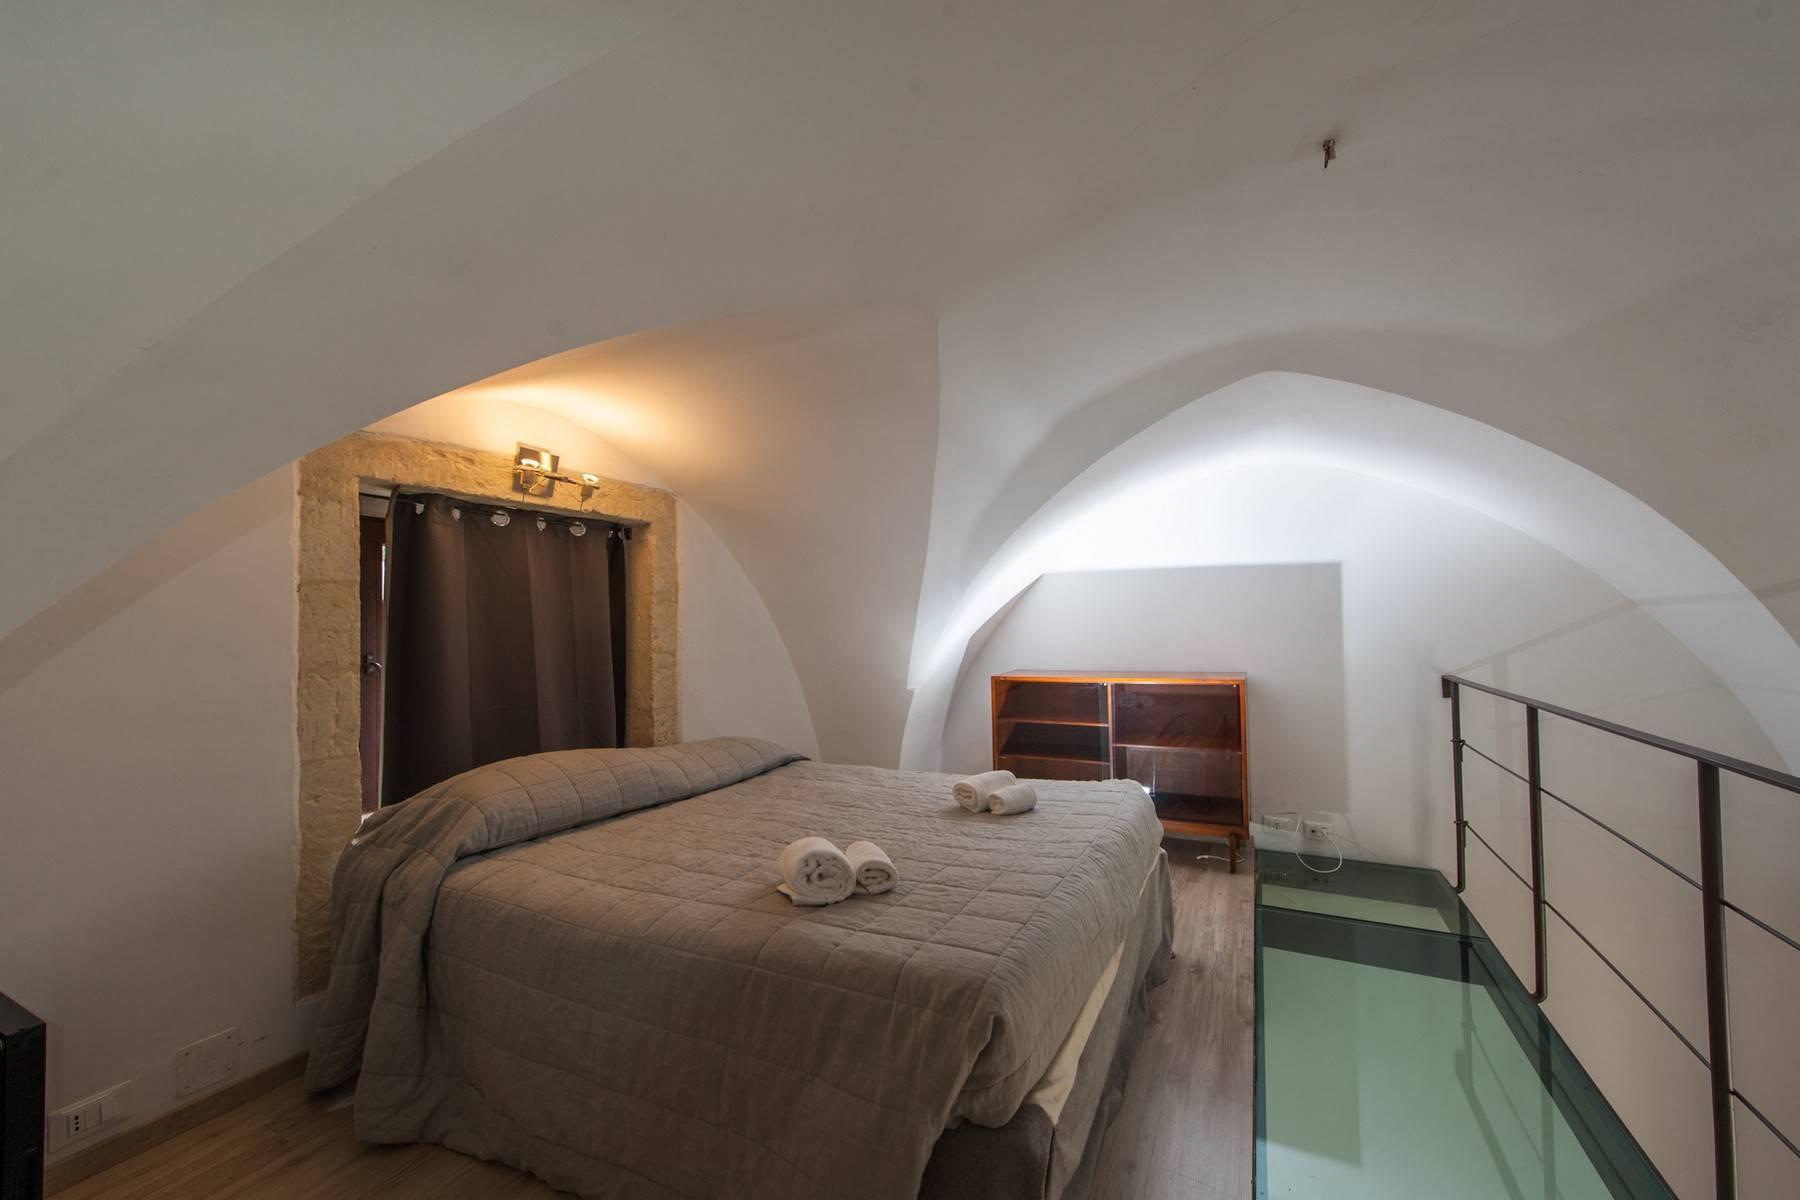 Casa indipendente in Vendita a Lecce: 5 locali, 180 mq - Foto 10